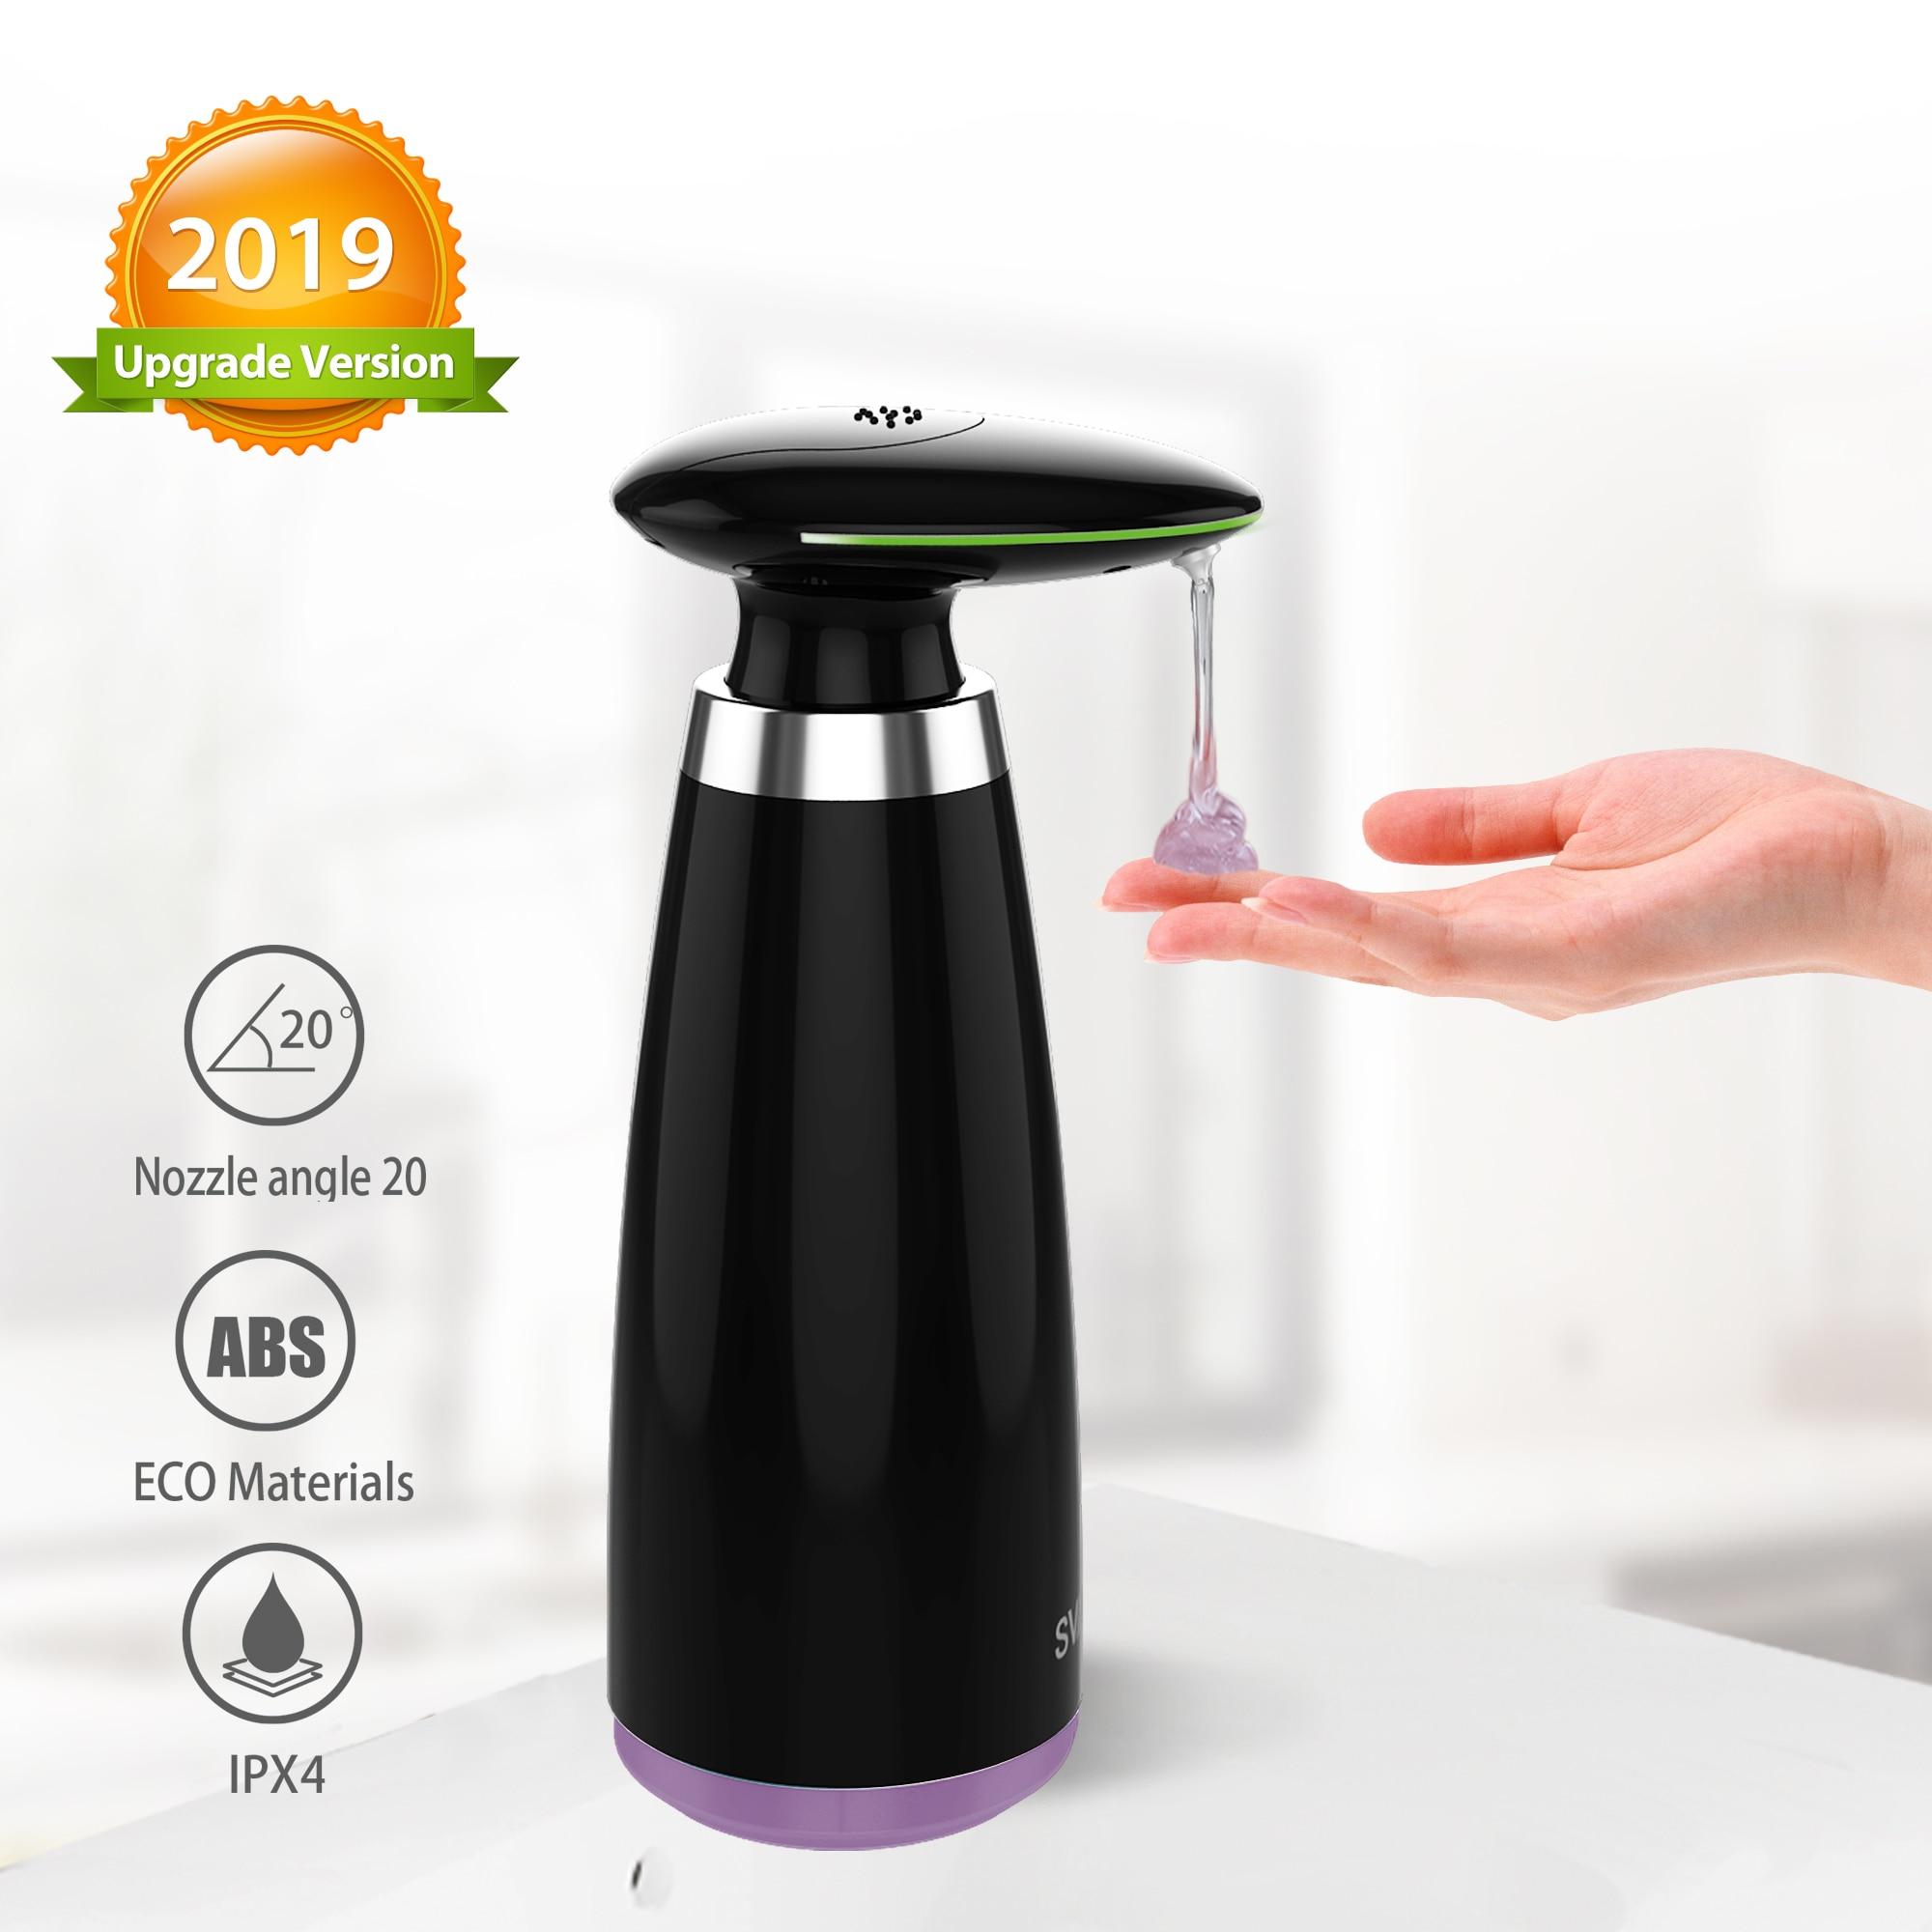 SVAVO-موزع صابون أوتوماتيكي مع مستشعر حركة الأشعة تحت الحمراء ، 350 مللي ، بدون تلامس ، للحمام والمطبخ